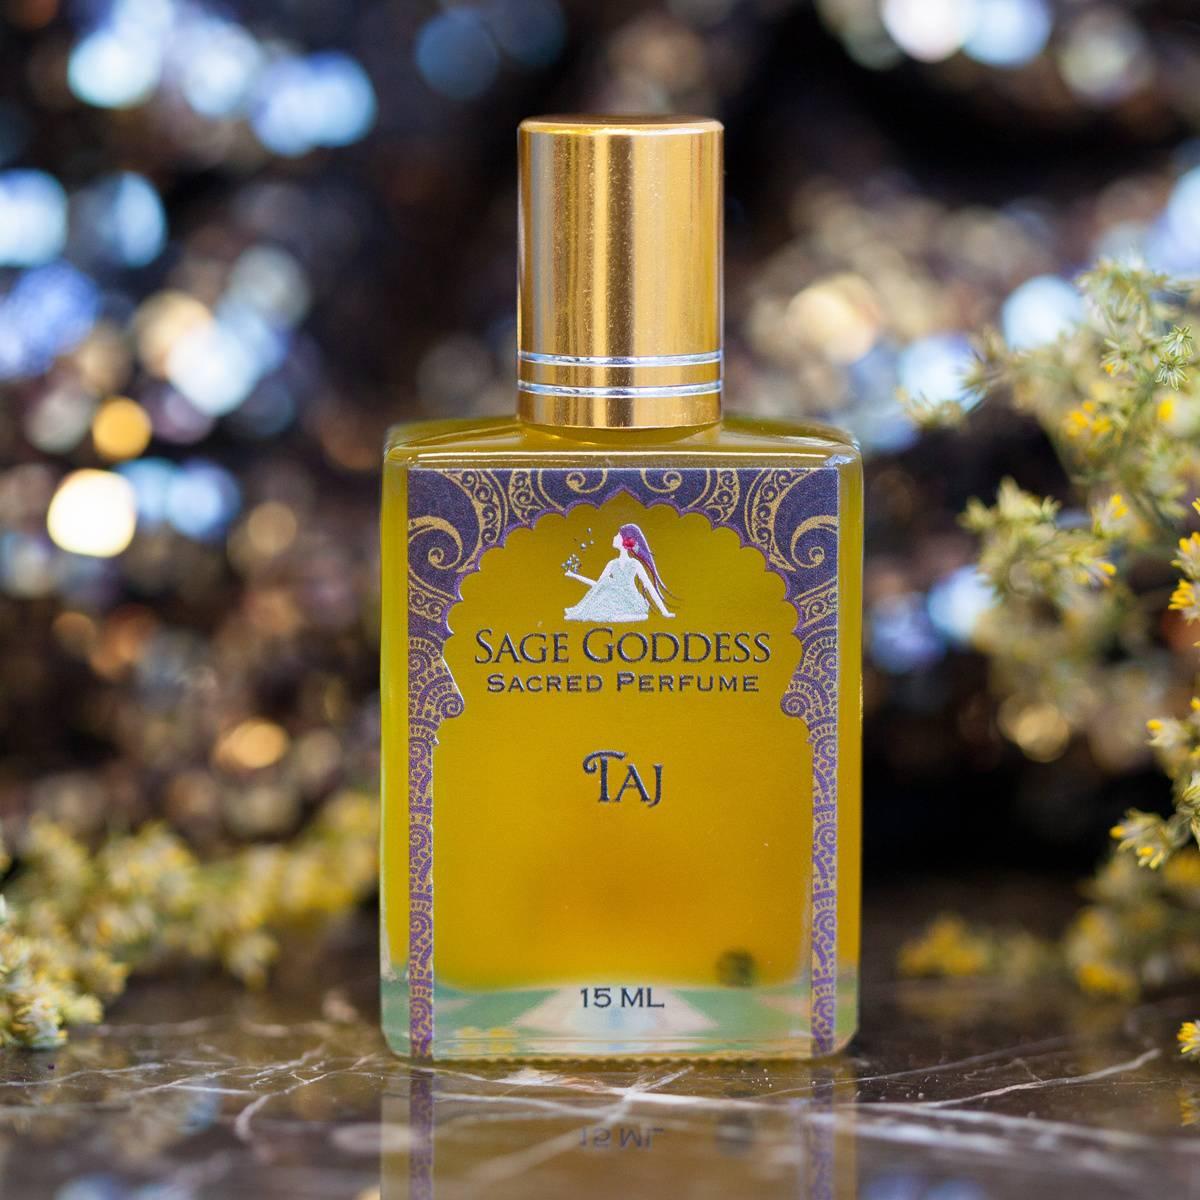 Taj Perfume 3_21